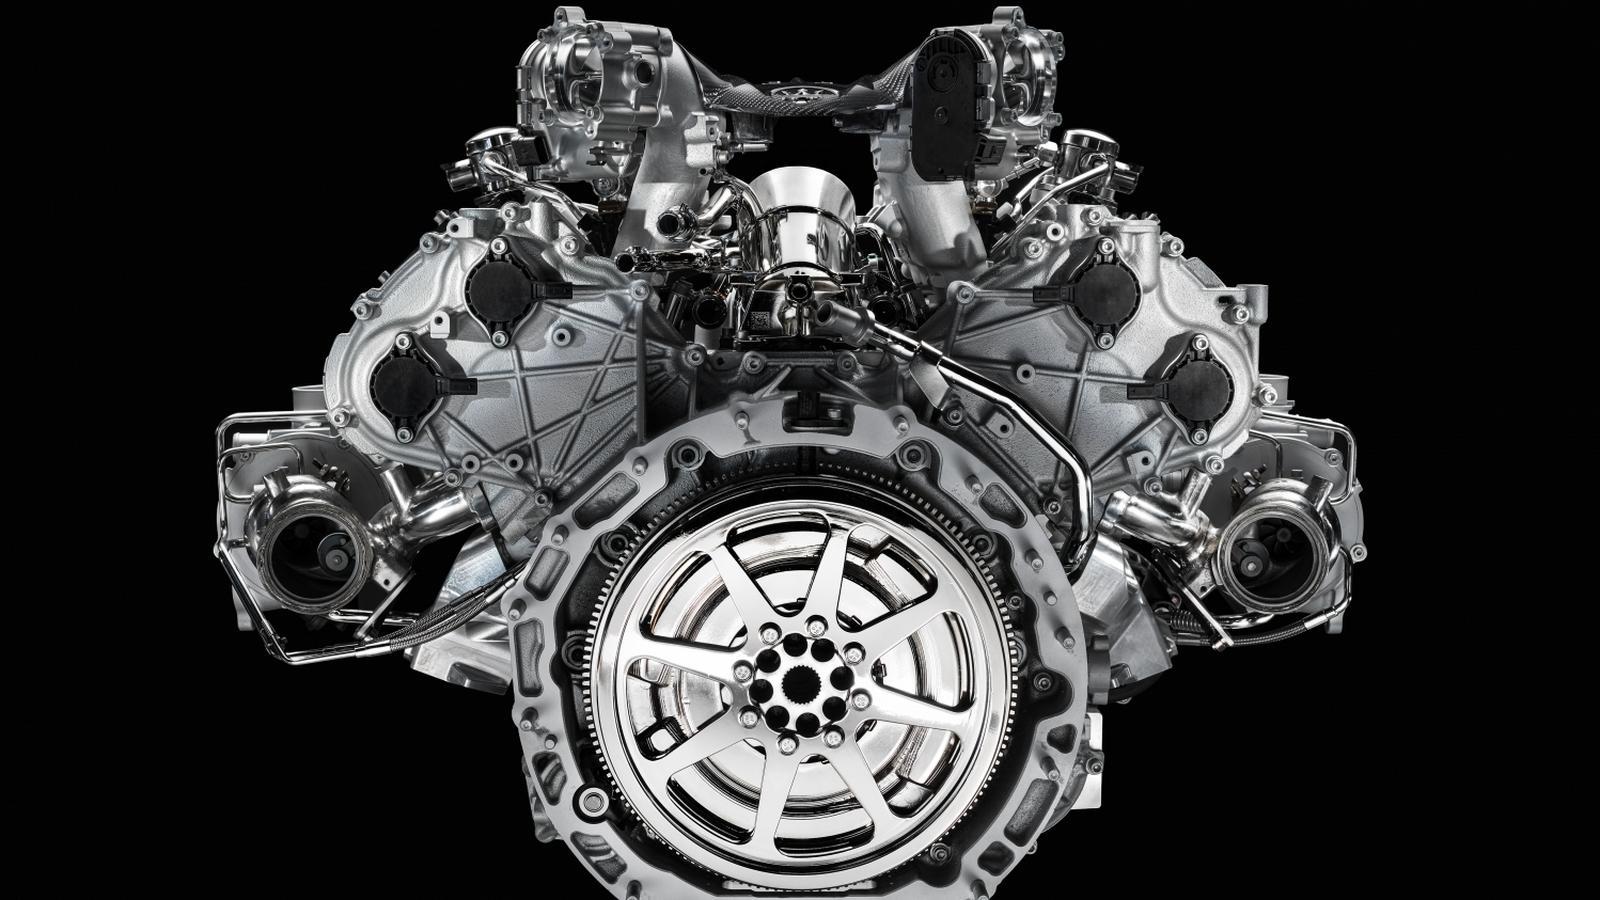 V8, które możesz mieć na biurku. Zobacz, jak pracują silniki spalinowe w skali